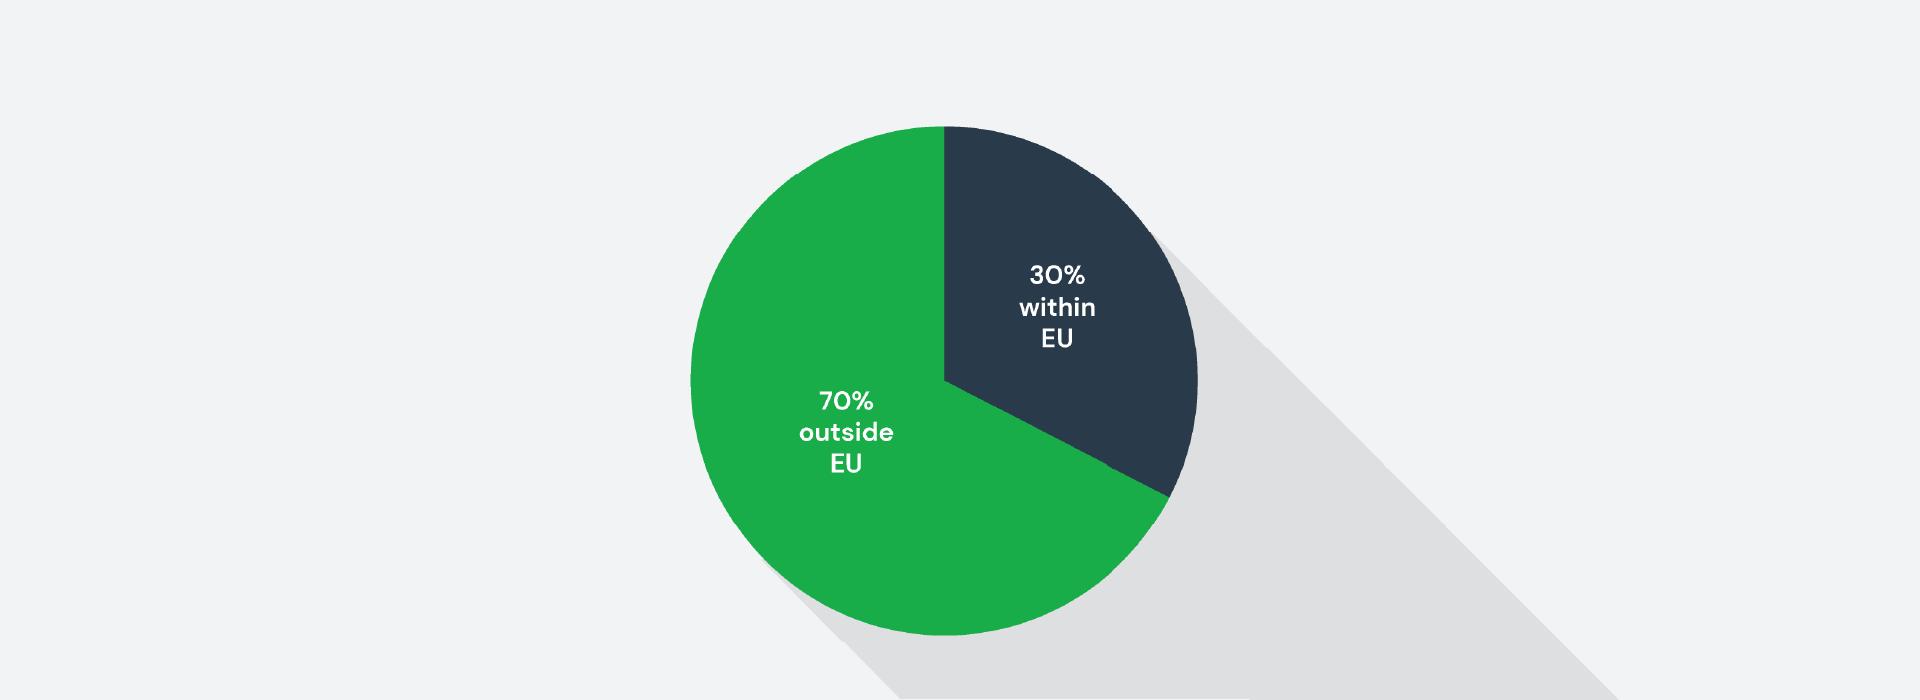 UK-international-student-recruitment-trends-student-flow-EU-trends